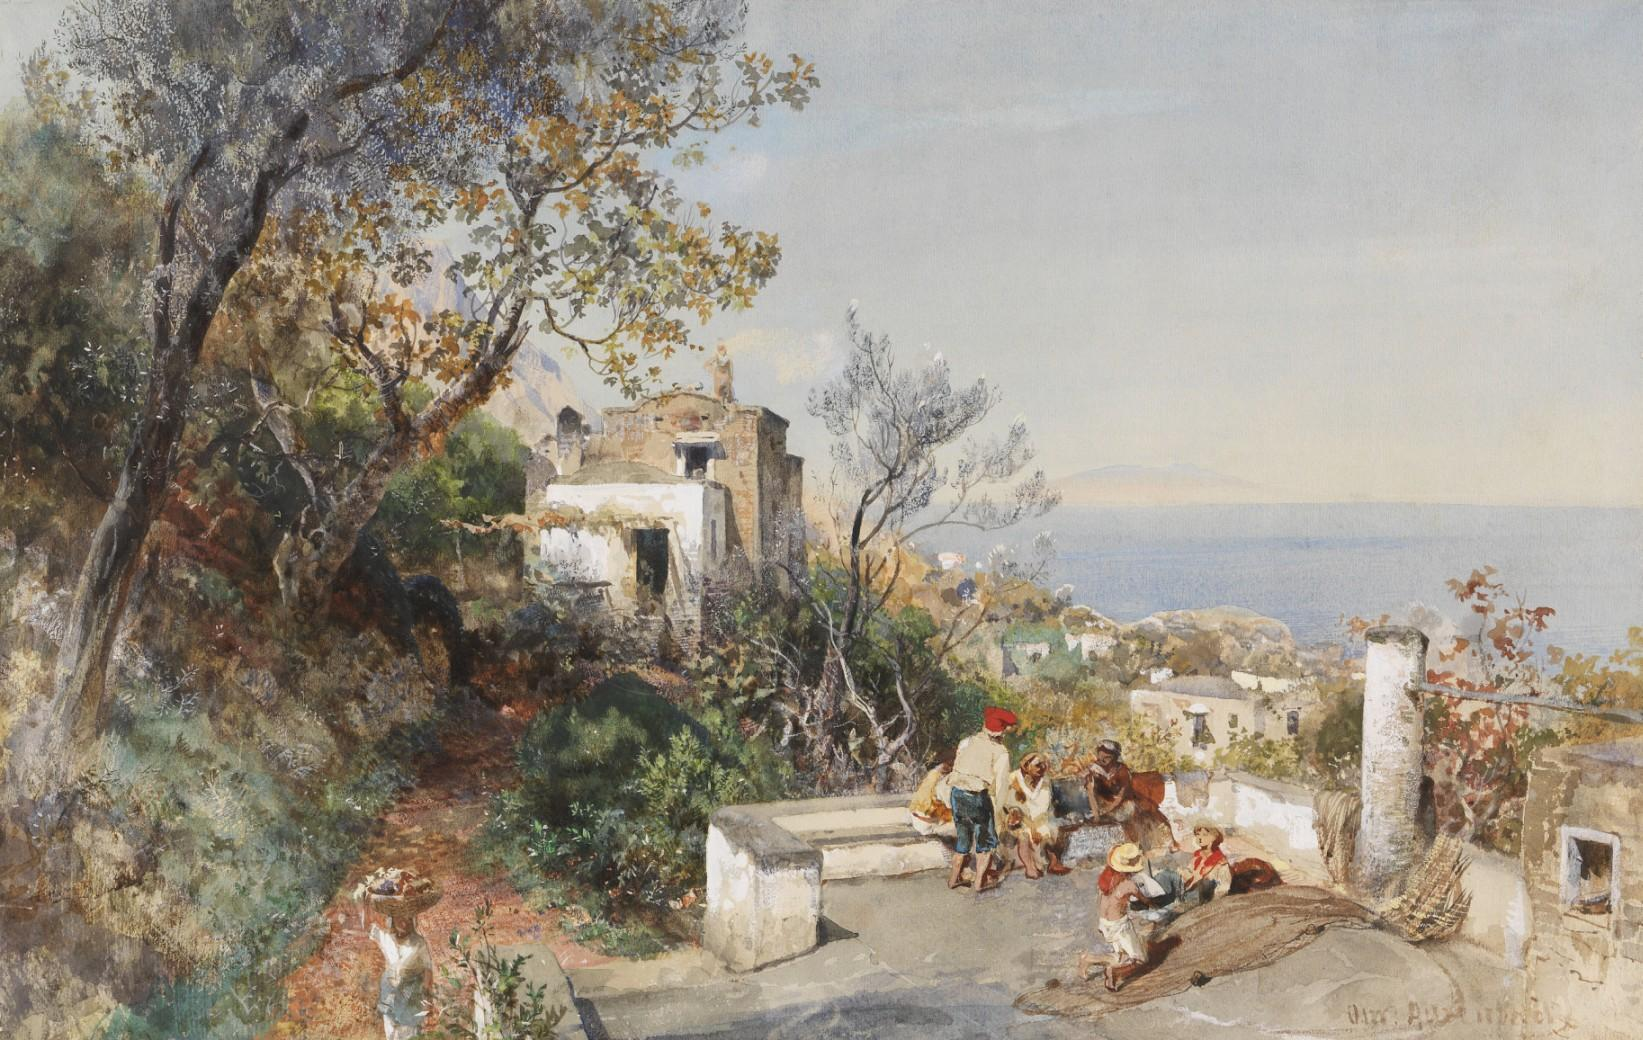 风景人物水彩画_那不勒斯湾的景色-奥斯瓦尔德·阿肯巴赫